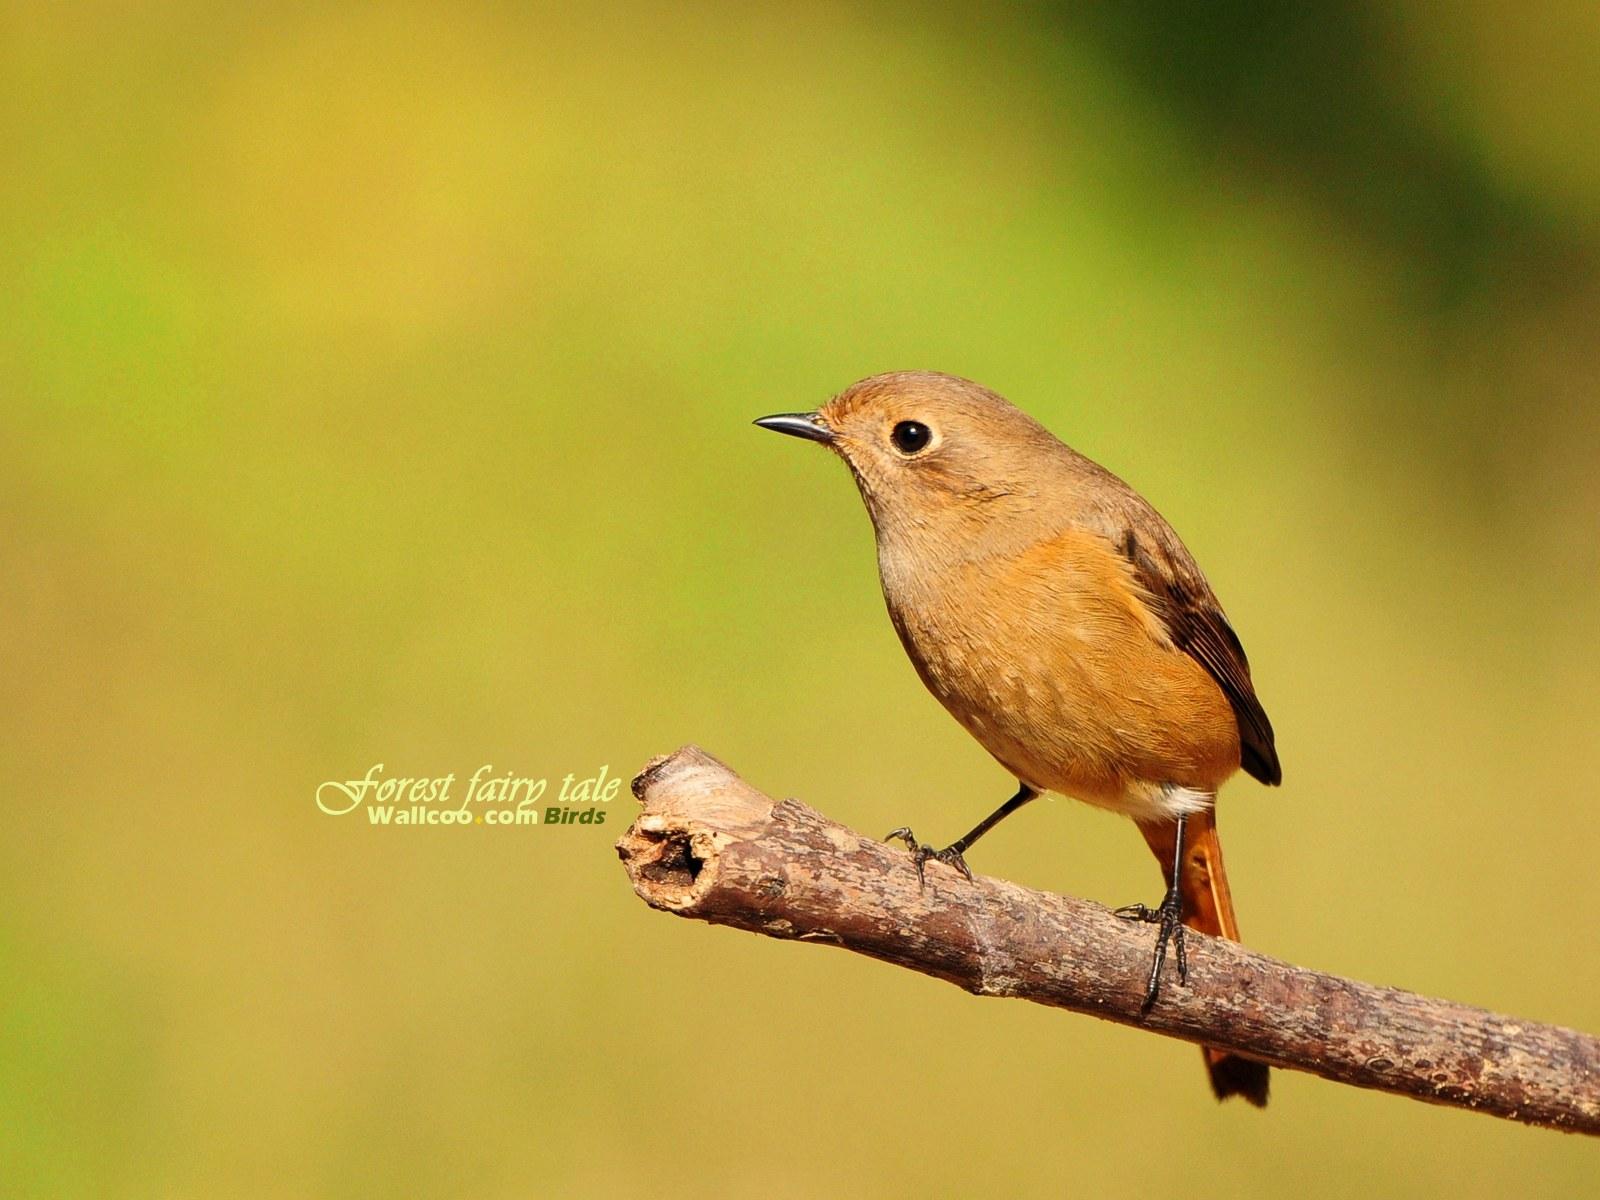 壁纸 小鸟/树林里的小精灵春天可爱小鸟壁纸北红尾鸲休闲小鸟图片壁纸